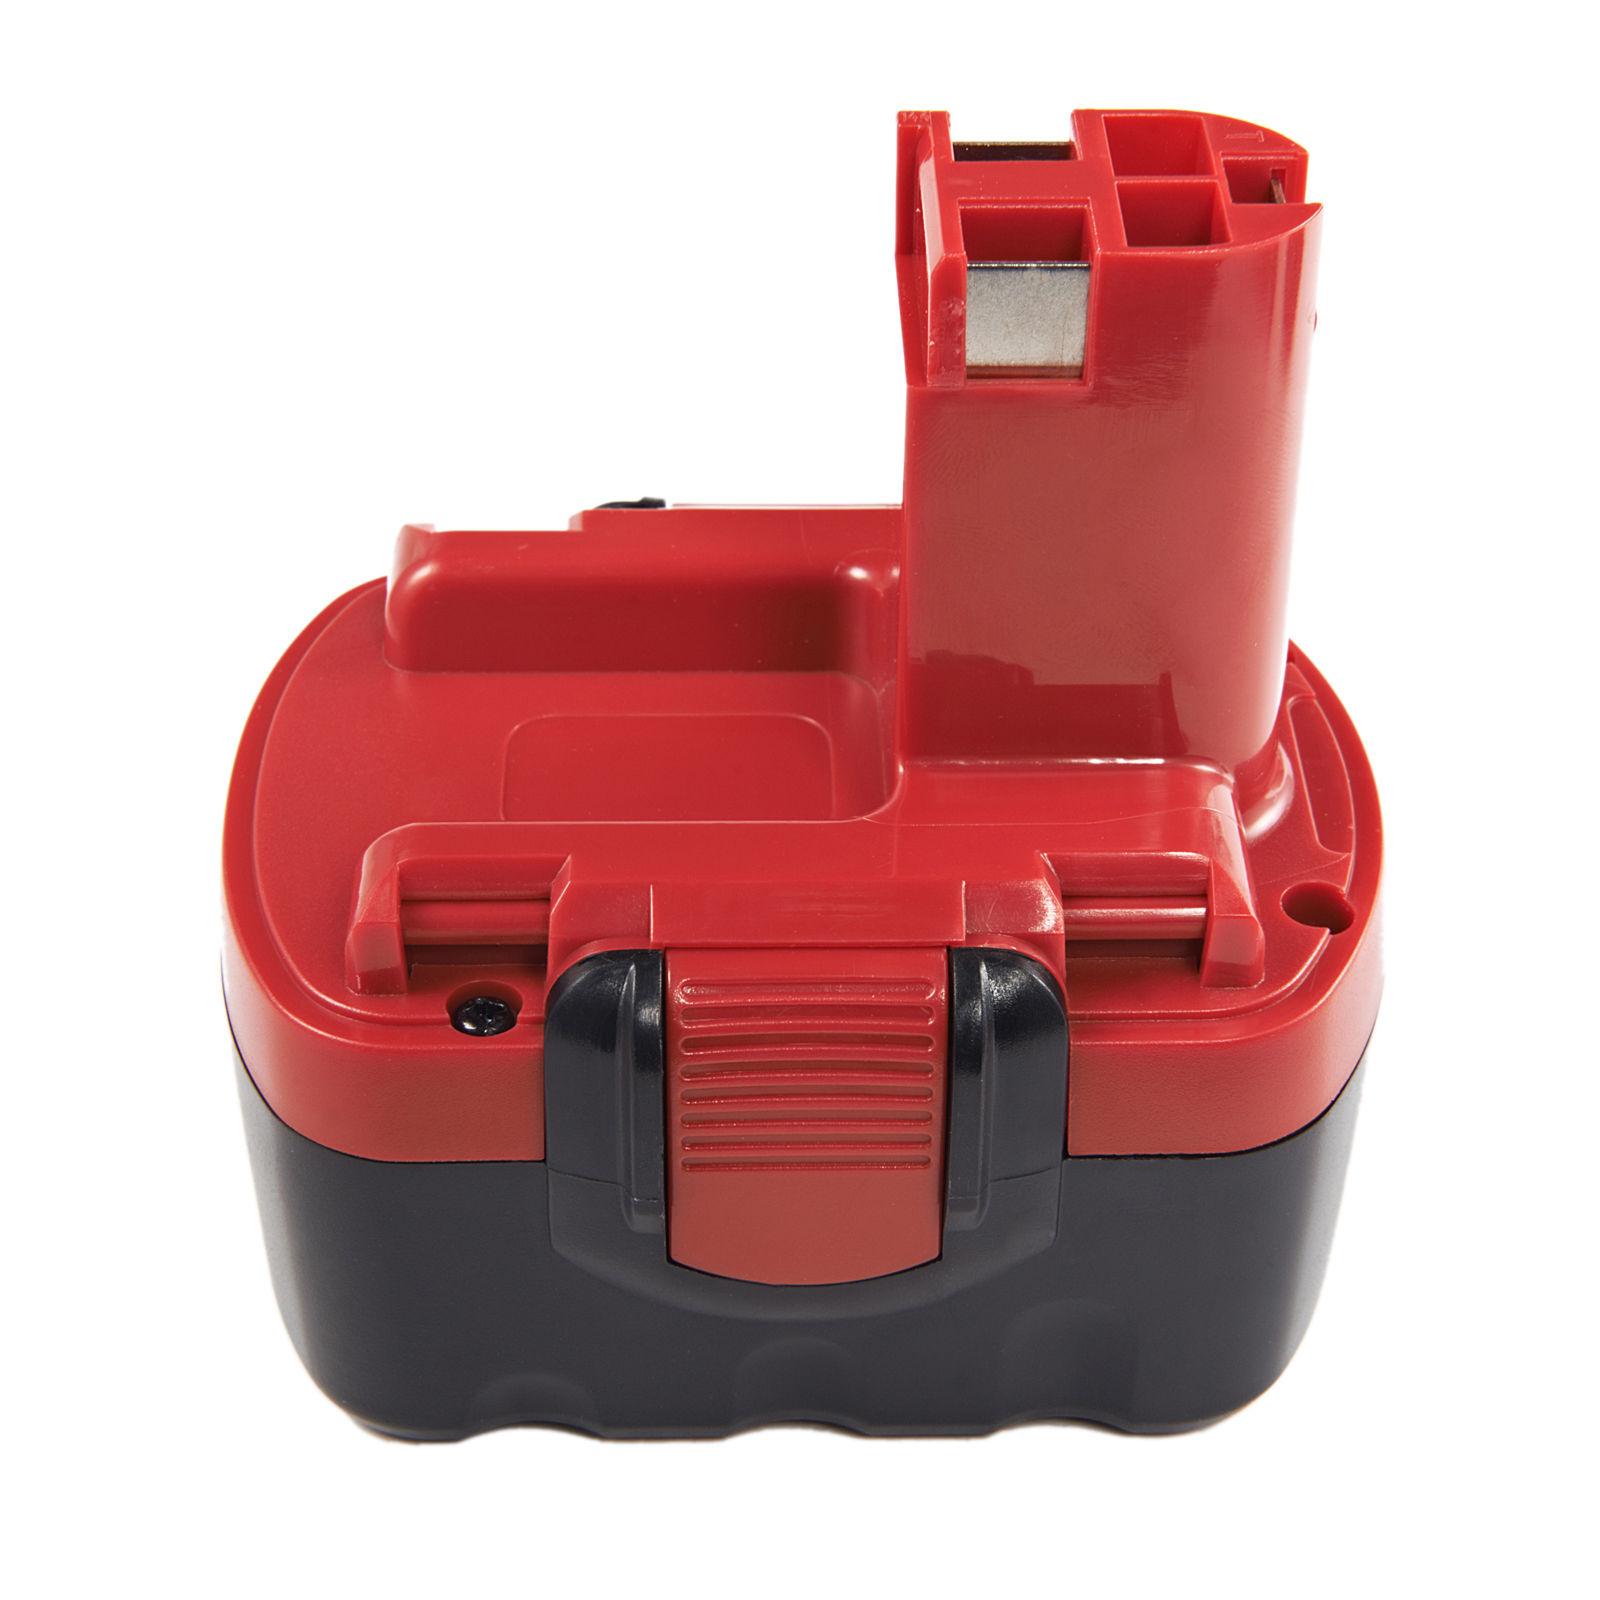 Batterie 3,0Ah Akku für Bosch PSR 14.4VE-2-B PSR 1440 PSR 1440-B PST 14.4V